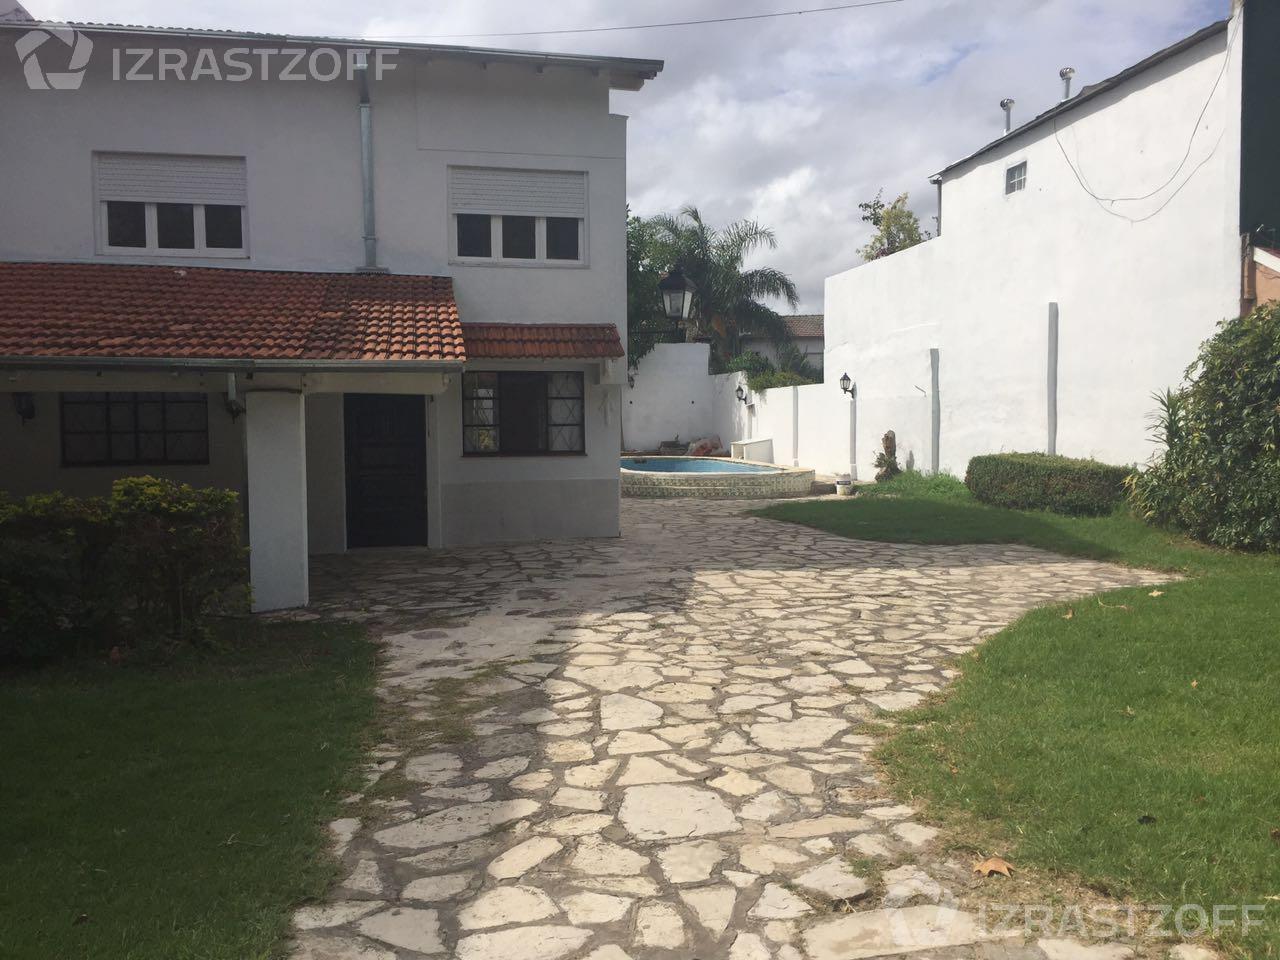 Casa-Alquiler-S.Isi.-Lasalle/Rio-Elcano al 300